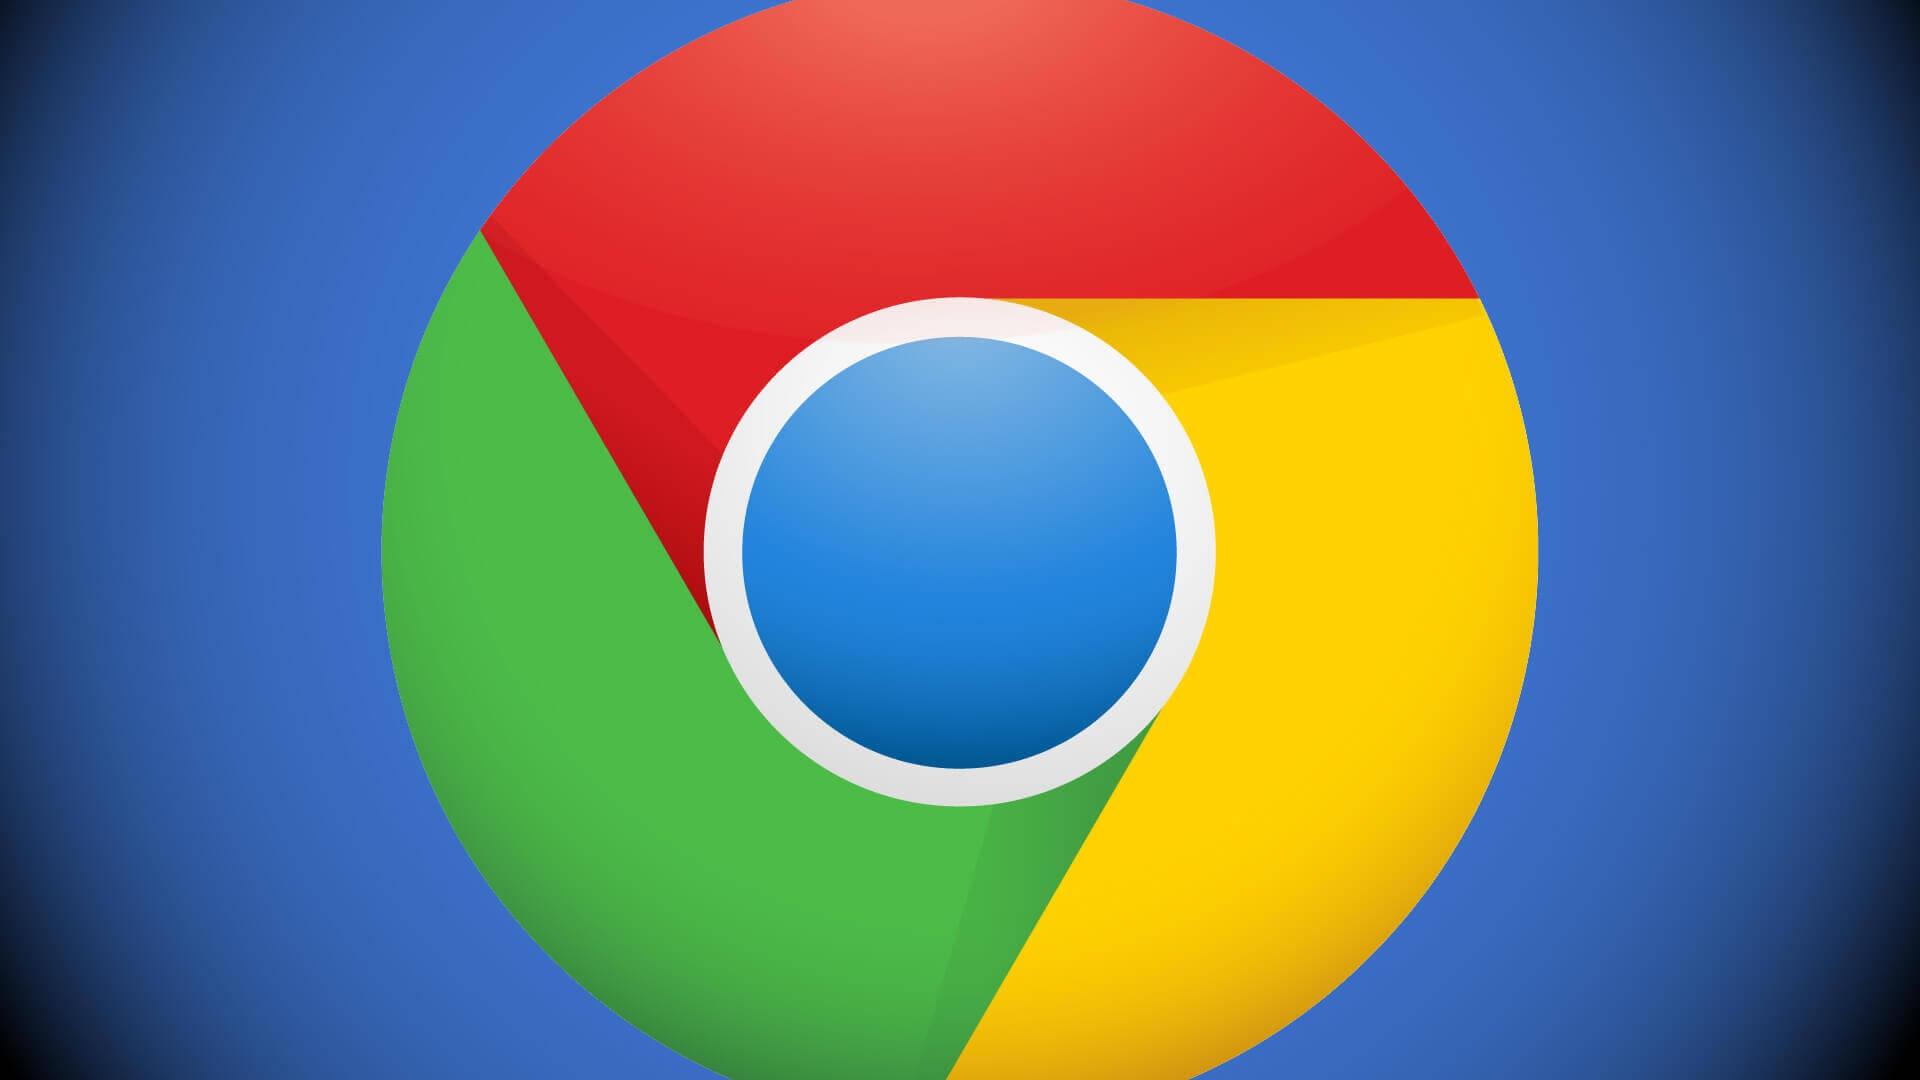 В Chrome стало простіше обмінюватись посиланнями між своїми гаджетами